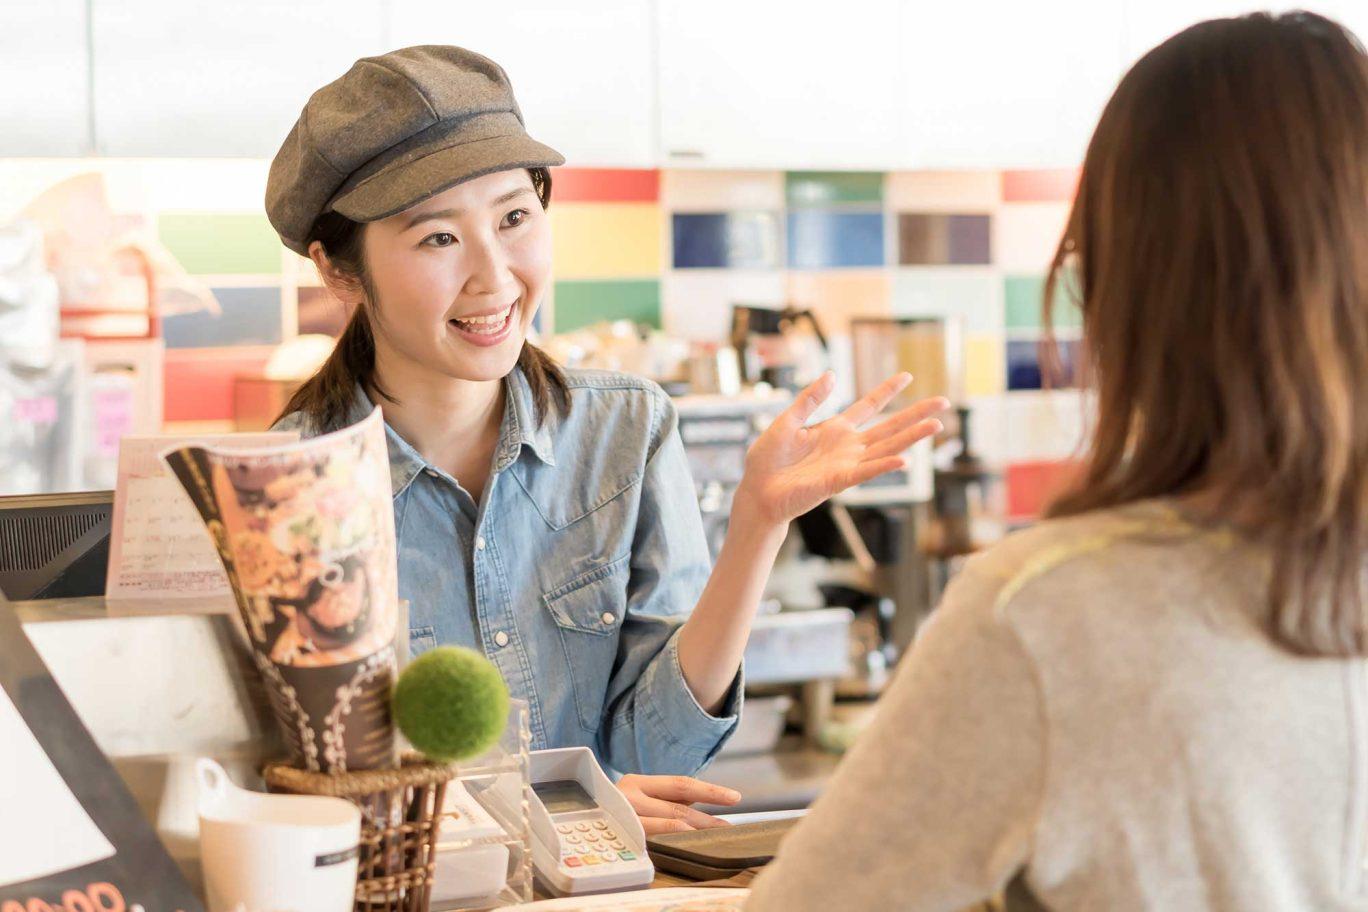 【軽減税率】従業員に教えたい! 軽減税率でも安心なレジ接客とは